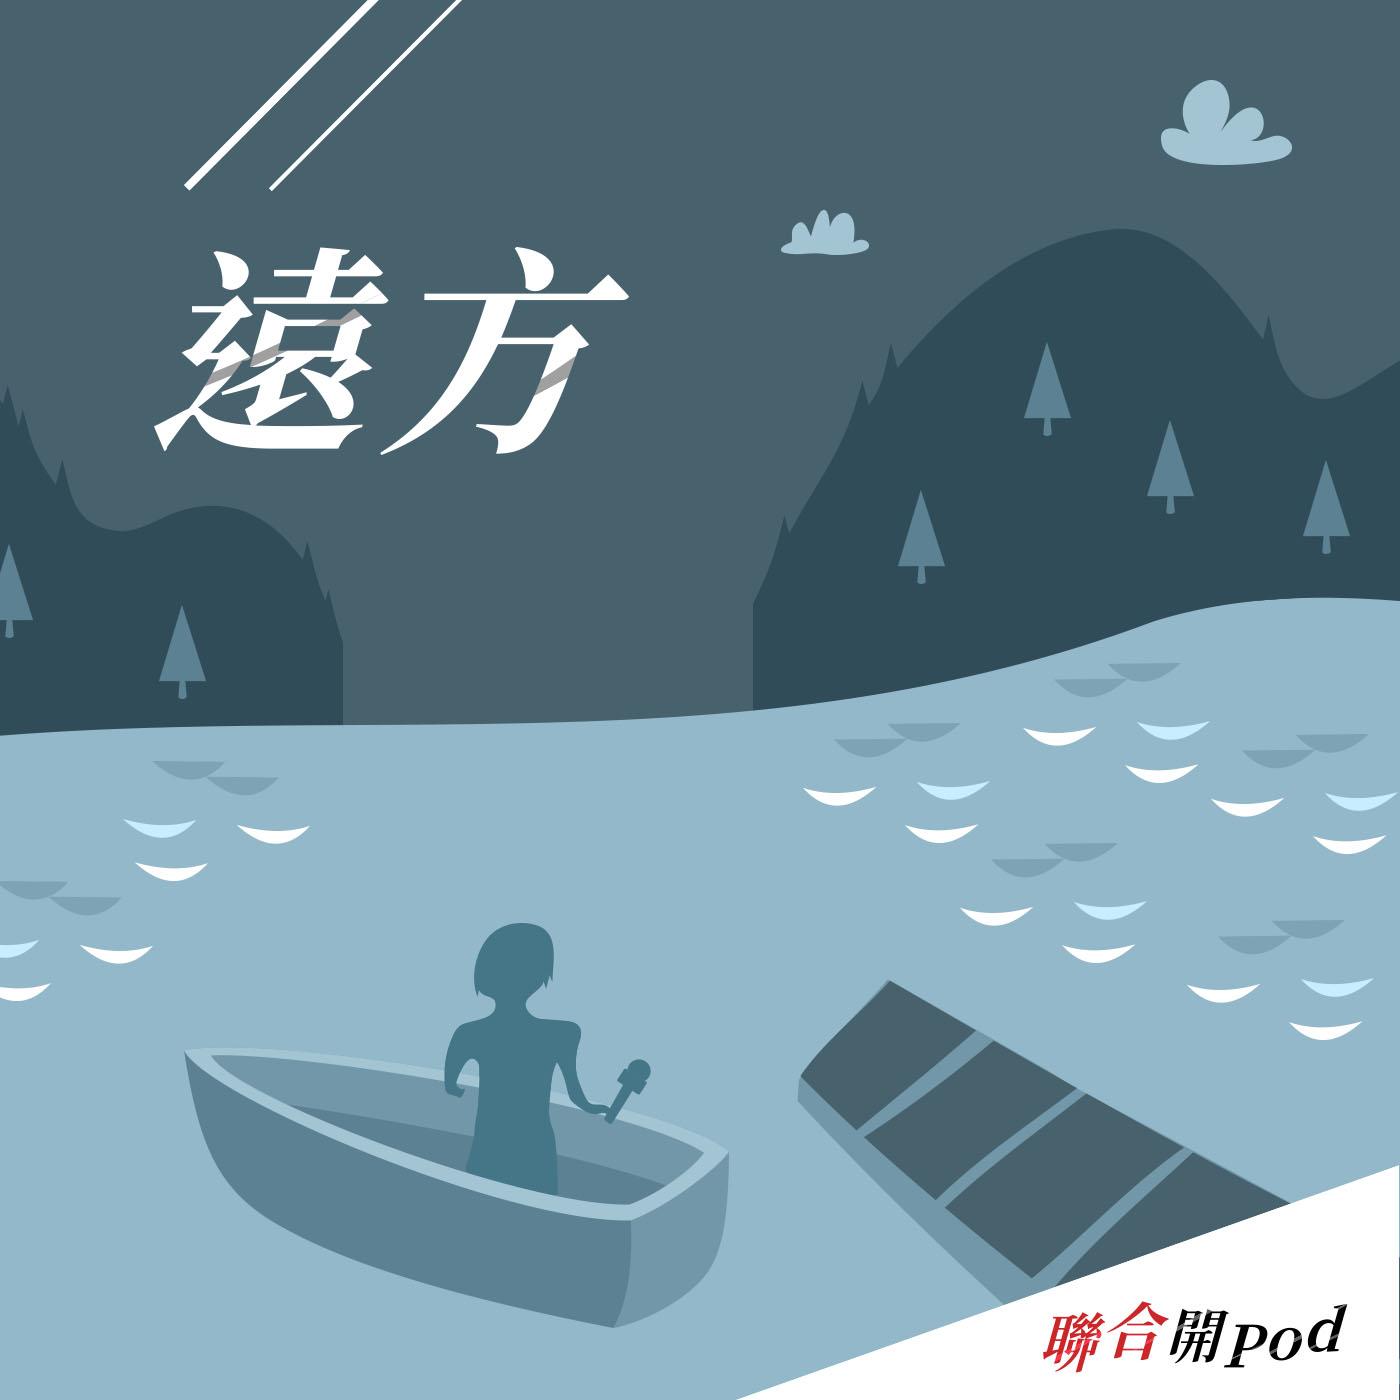 【遠方】 EP7|同婚判決敗訴 為何日本同志歡天喜地?ft.旅日作家李琴峰